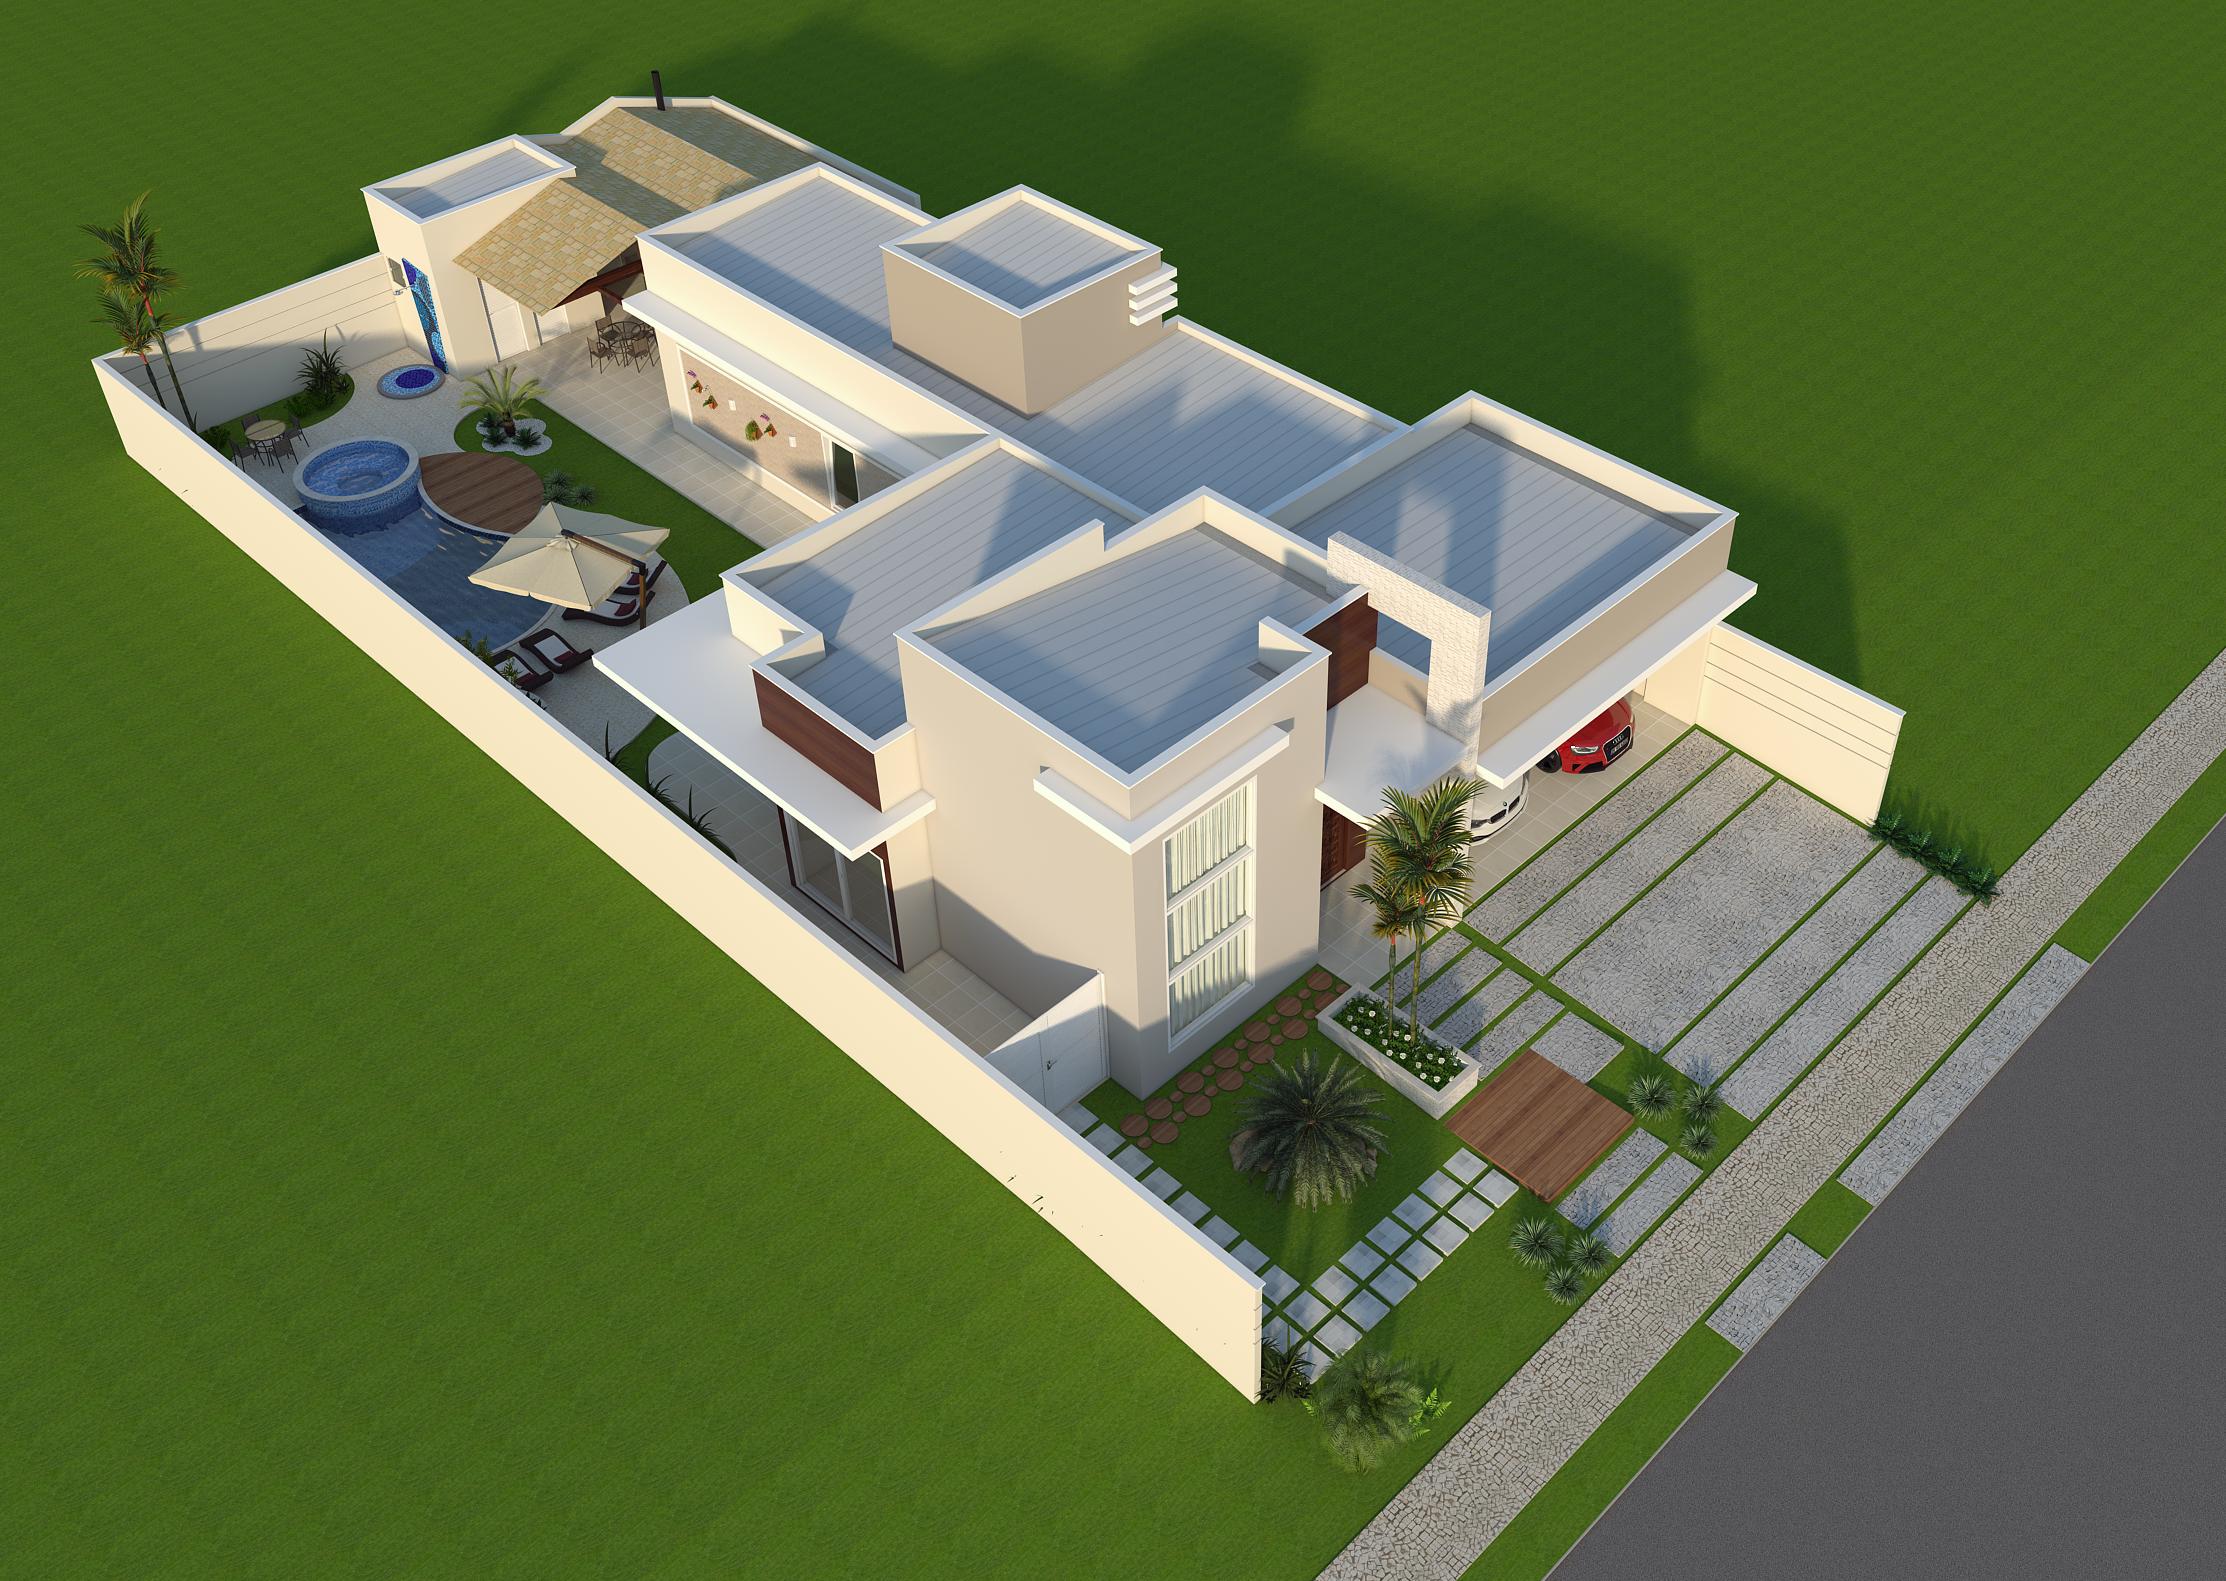 Projetos de arquitetura de casa t rrea est o em alta sua obra for Casa moderna de 8 x 10